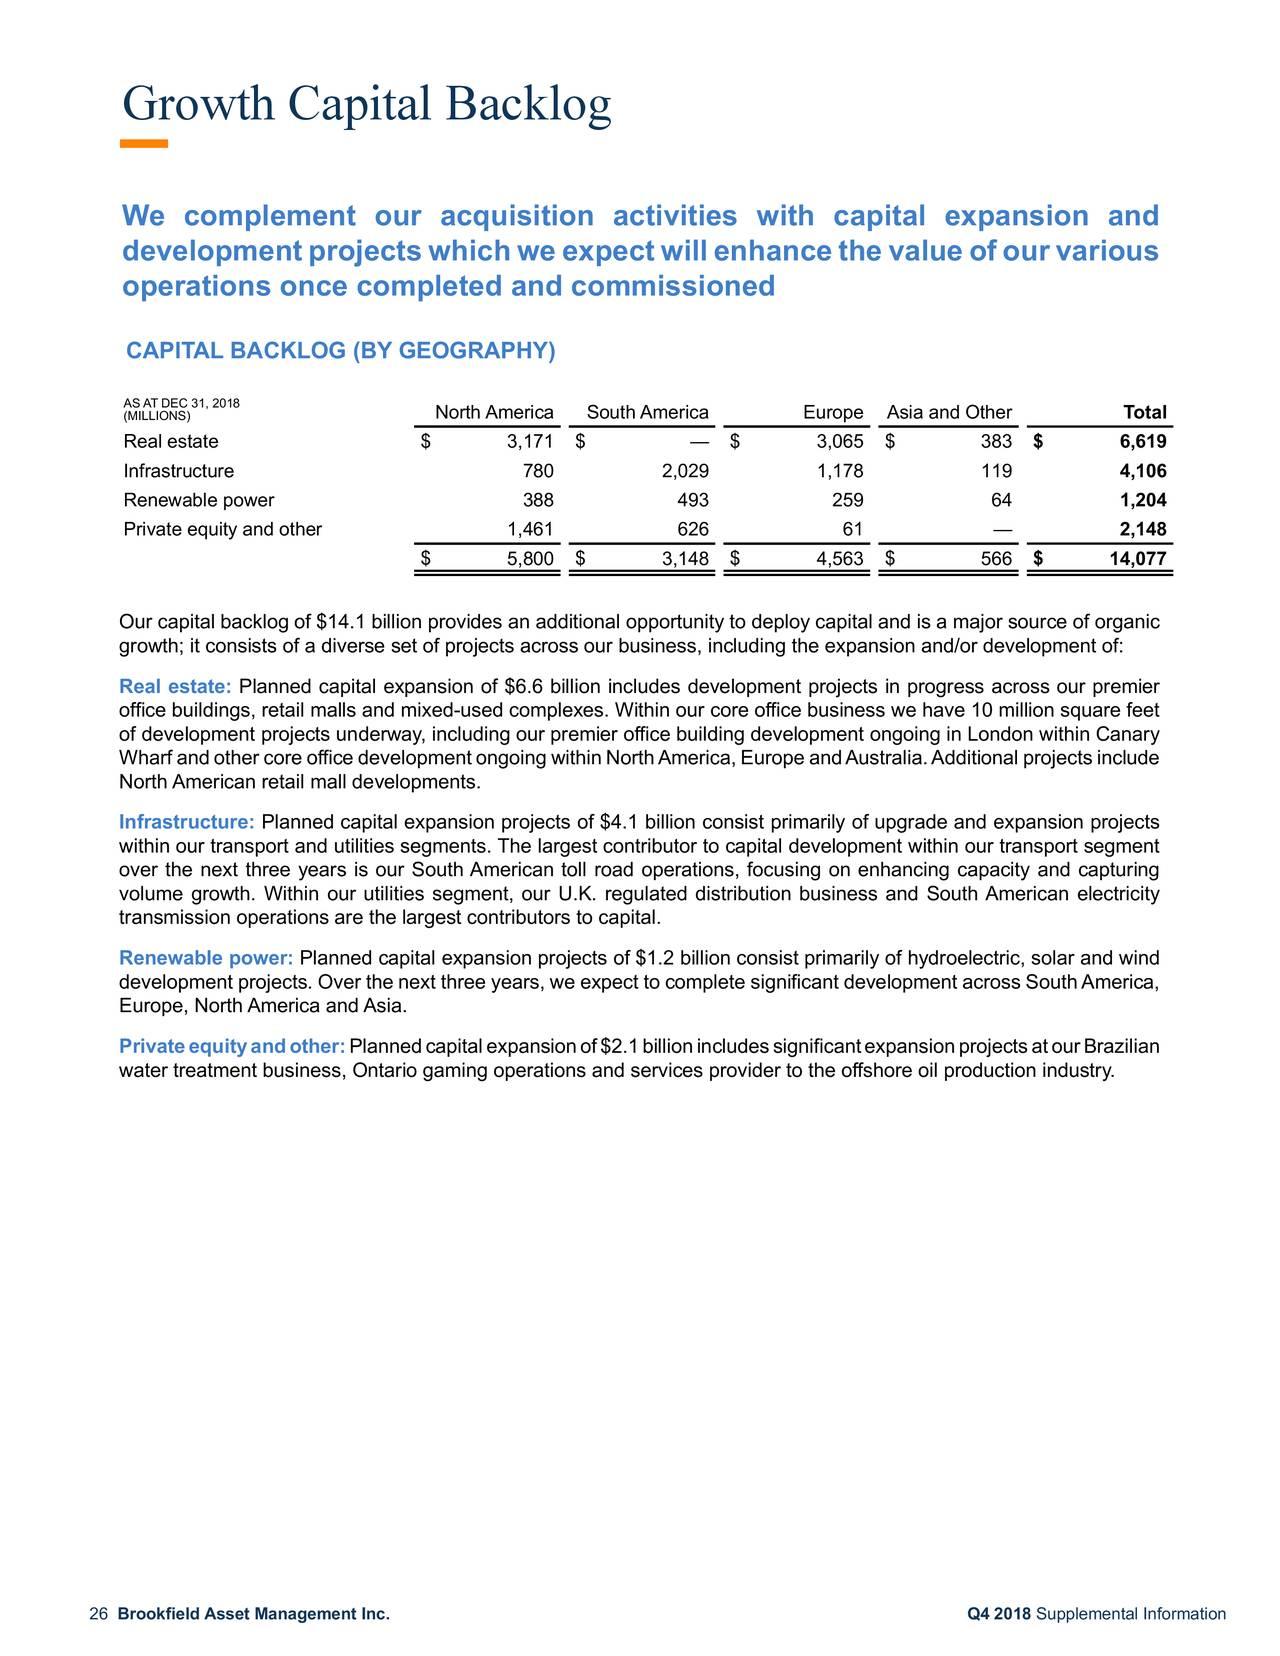 Brookfield Asset Management Inc 2018 Q4 Results